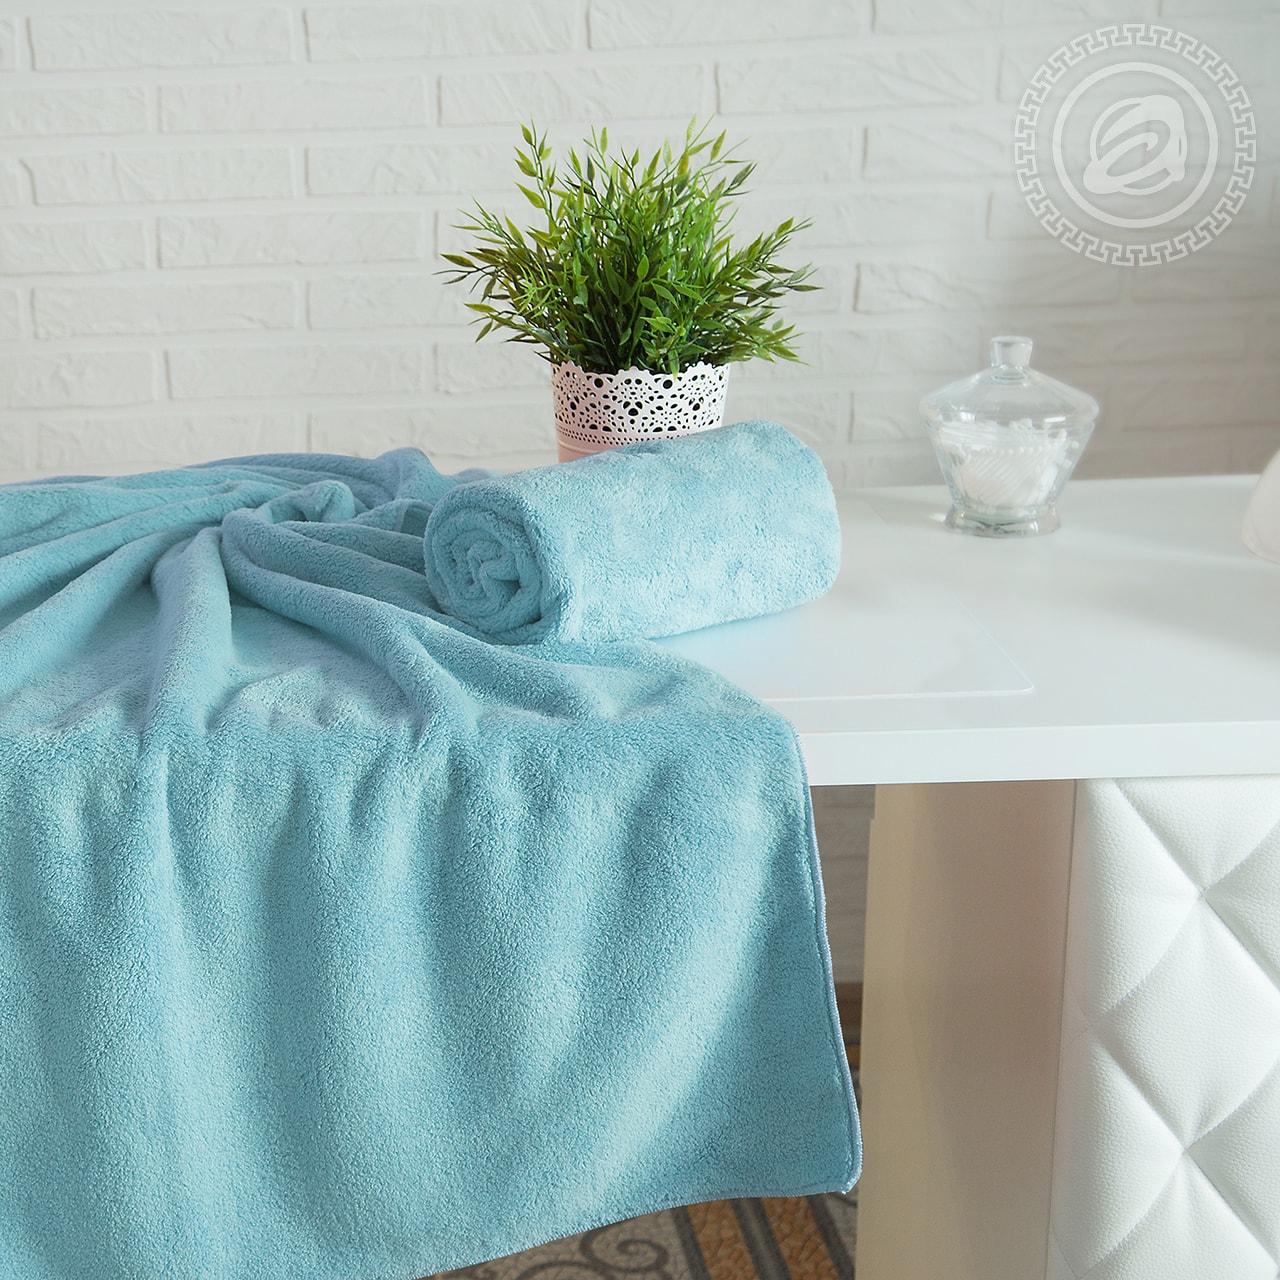 Банное полотенце Грандсток 11458034 от Grandstock